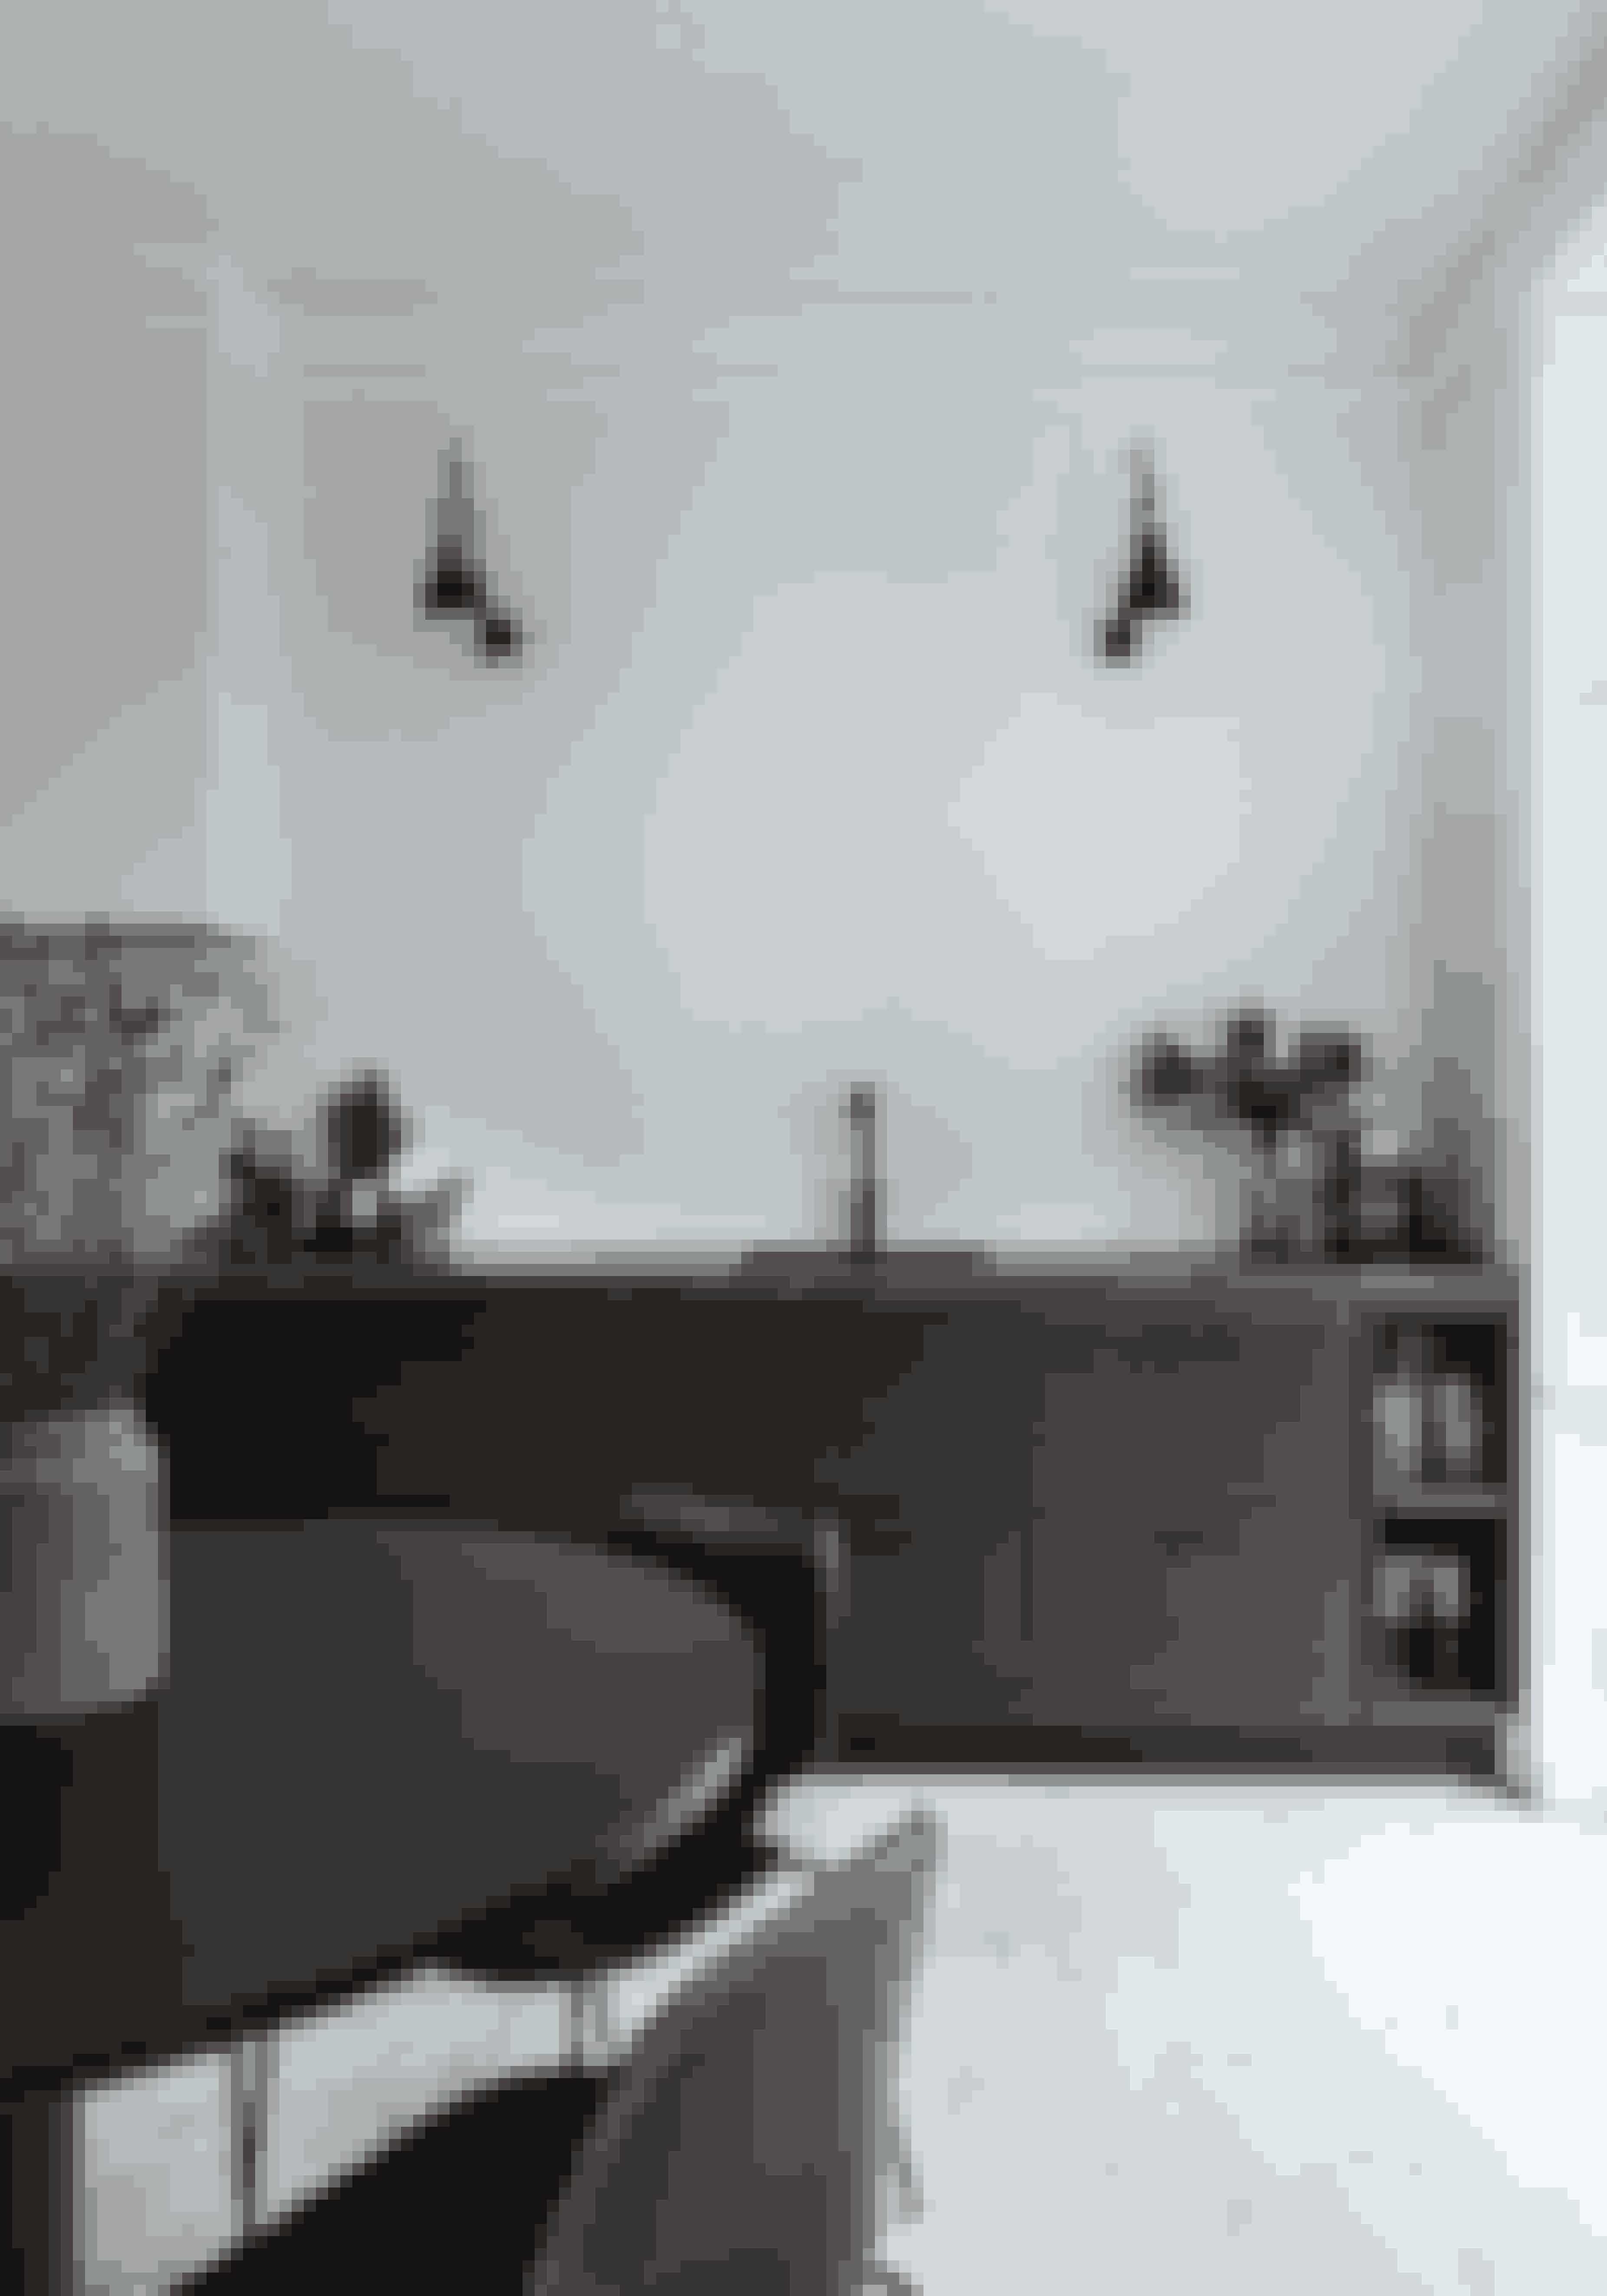 Skal du bygge nyt køkken, så tænk over at lave små åbninger ved siden af elementerne, hvor du kan sætte pæne glas og skåle frem. Det får køkkenet til i højere grad at fremstå som et møbel og giver stemning i rummet. Køkkenet er fra Kustomhouse og væglamperne fra Lampe Gras.